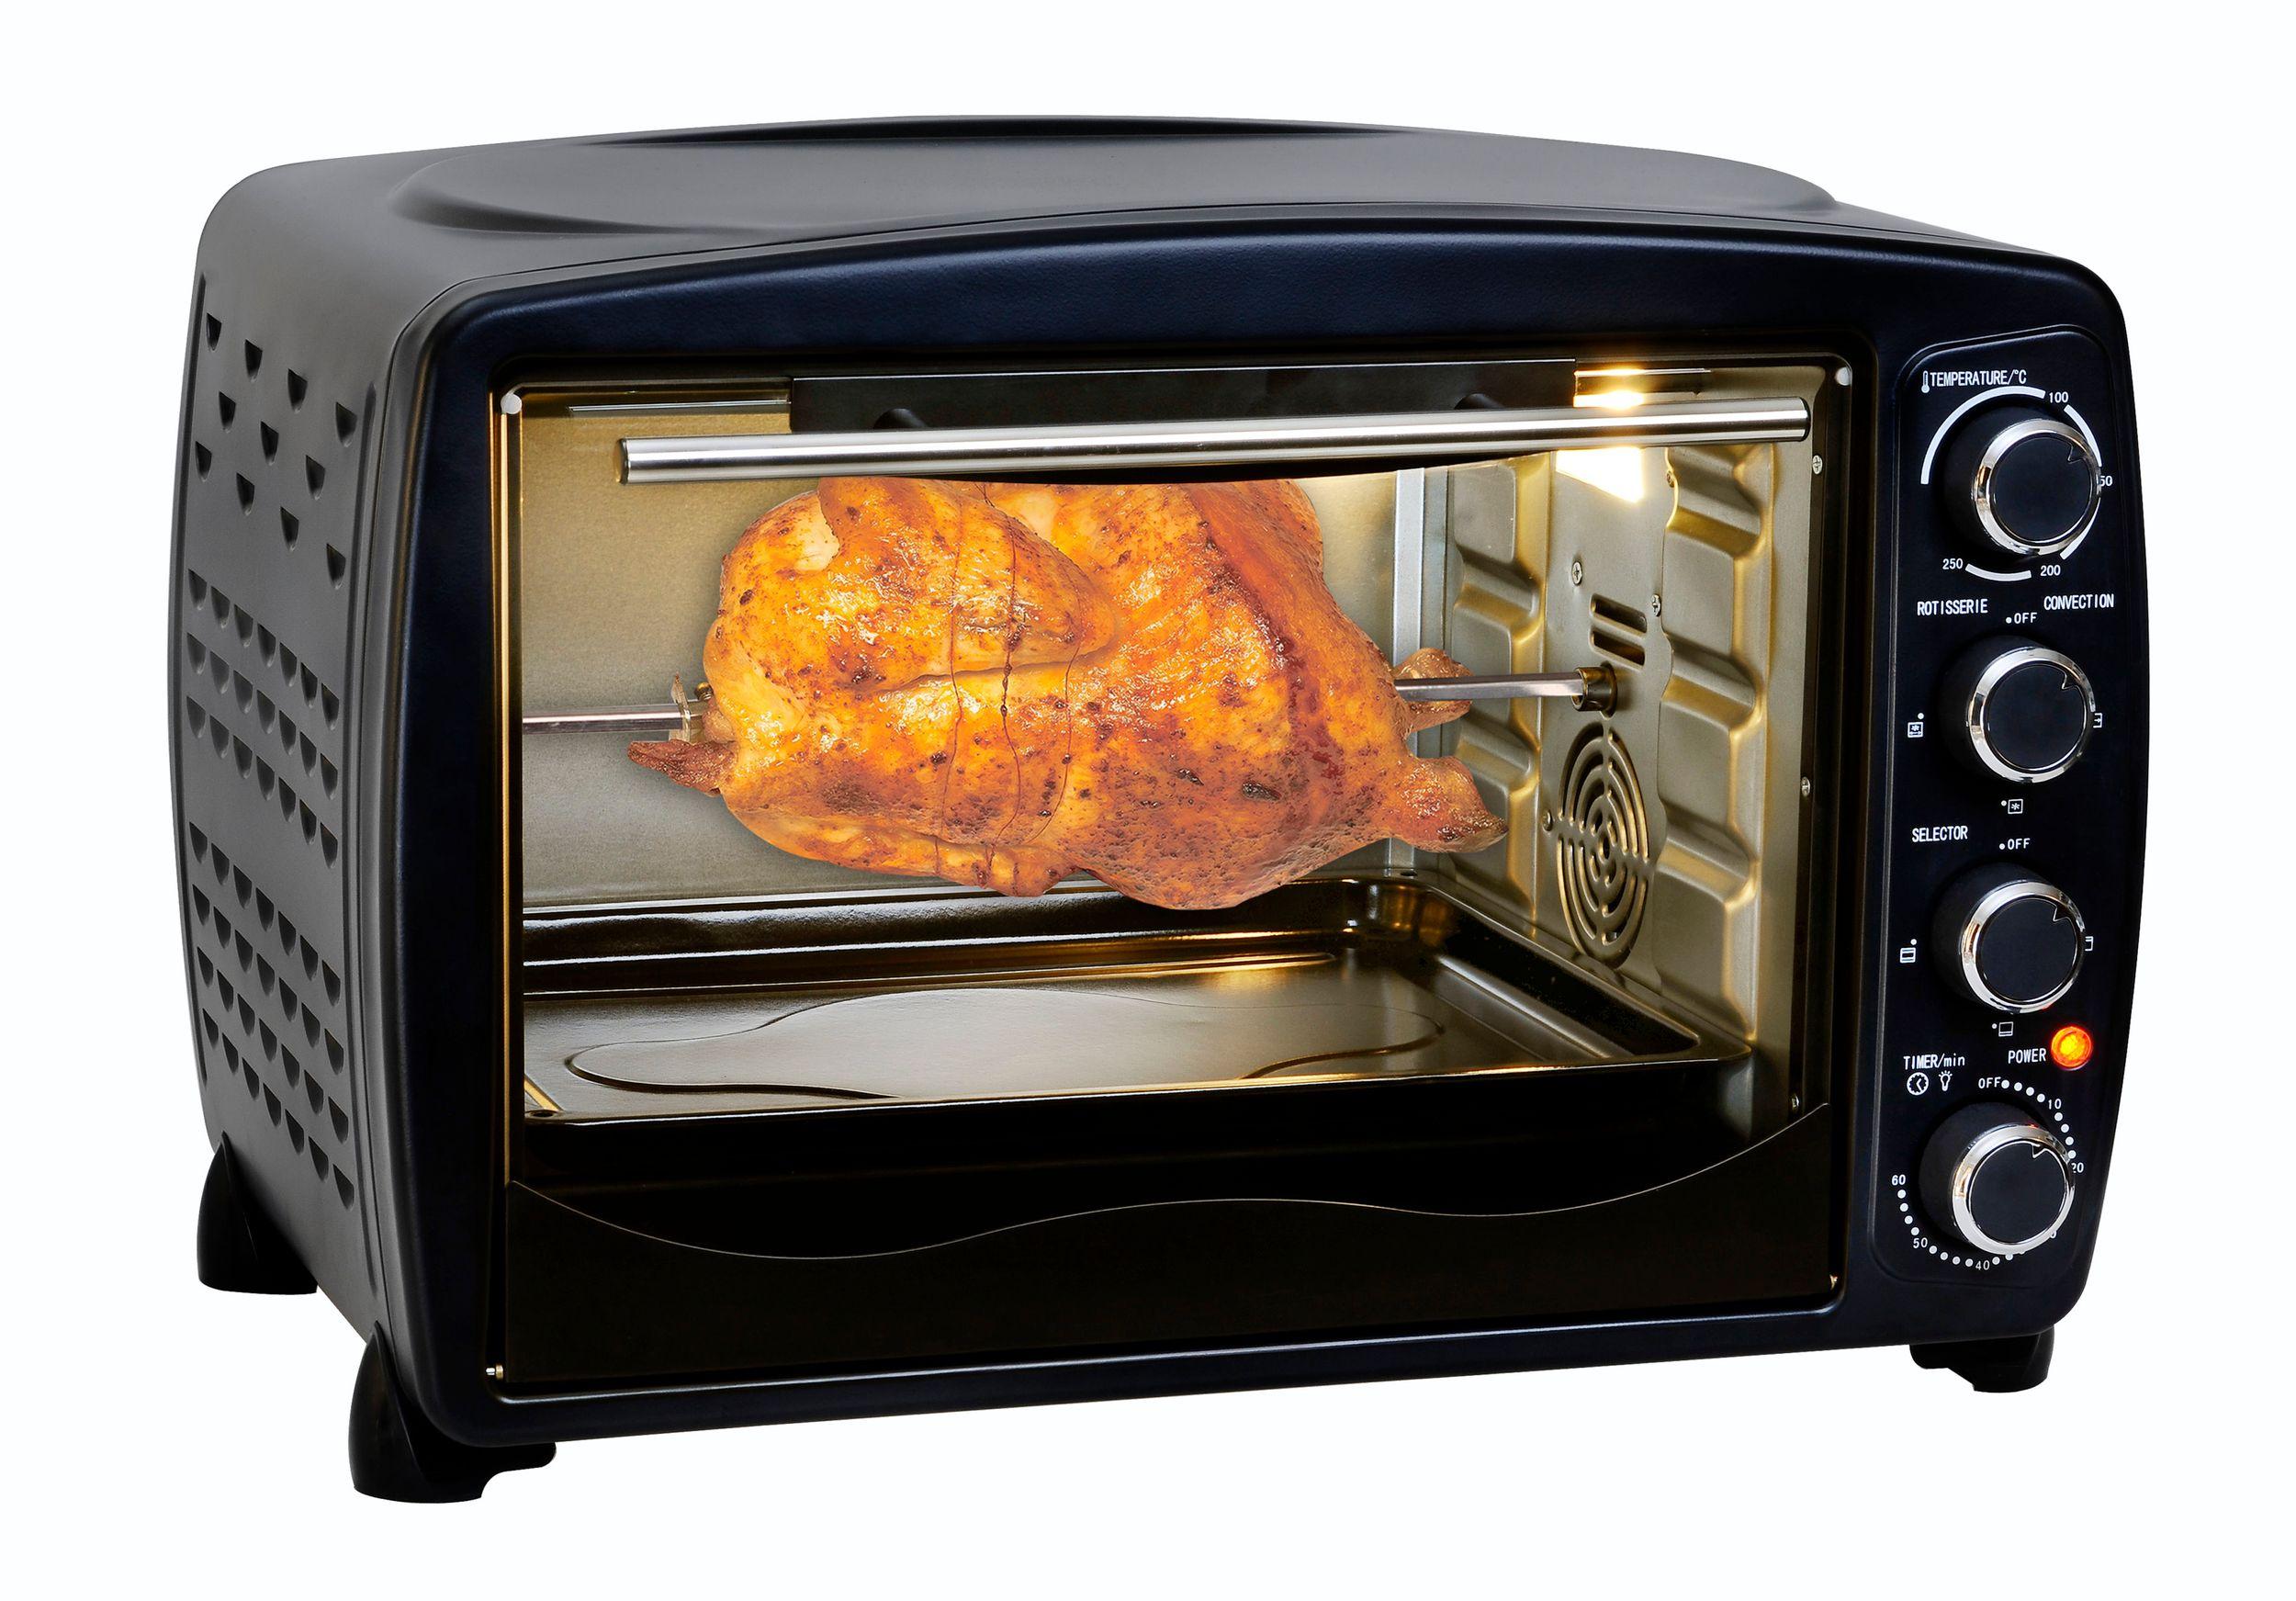 Multiofen 40L Drehspieß Grill Umluft Beleuchtung bis 250°C schwarz (Karton beschädigt)*28601